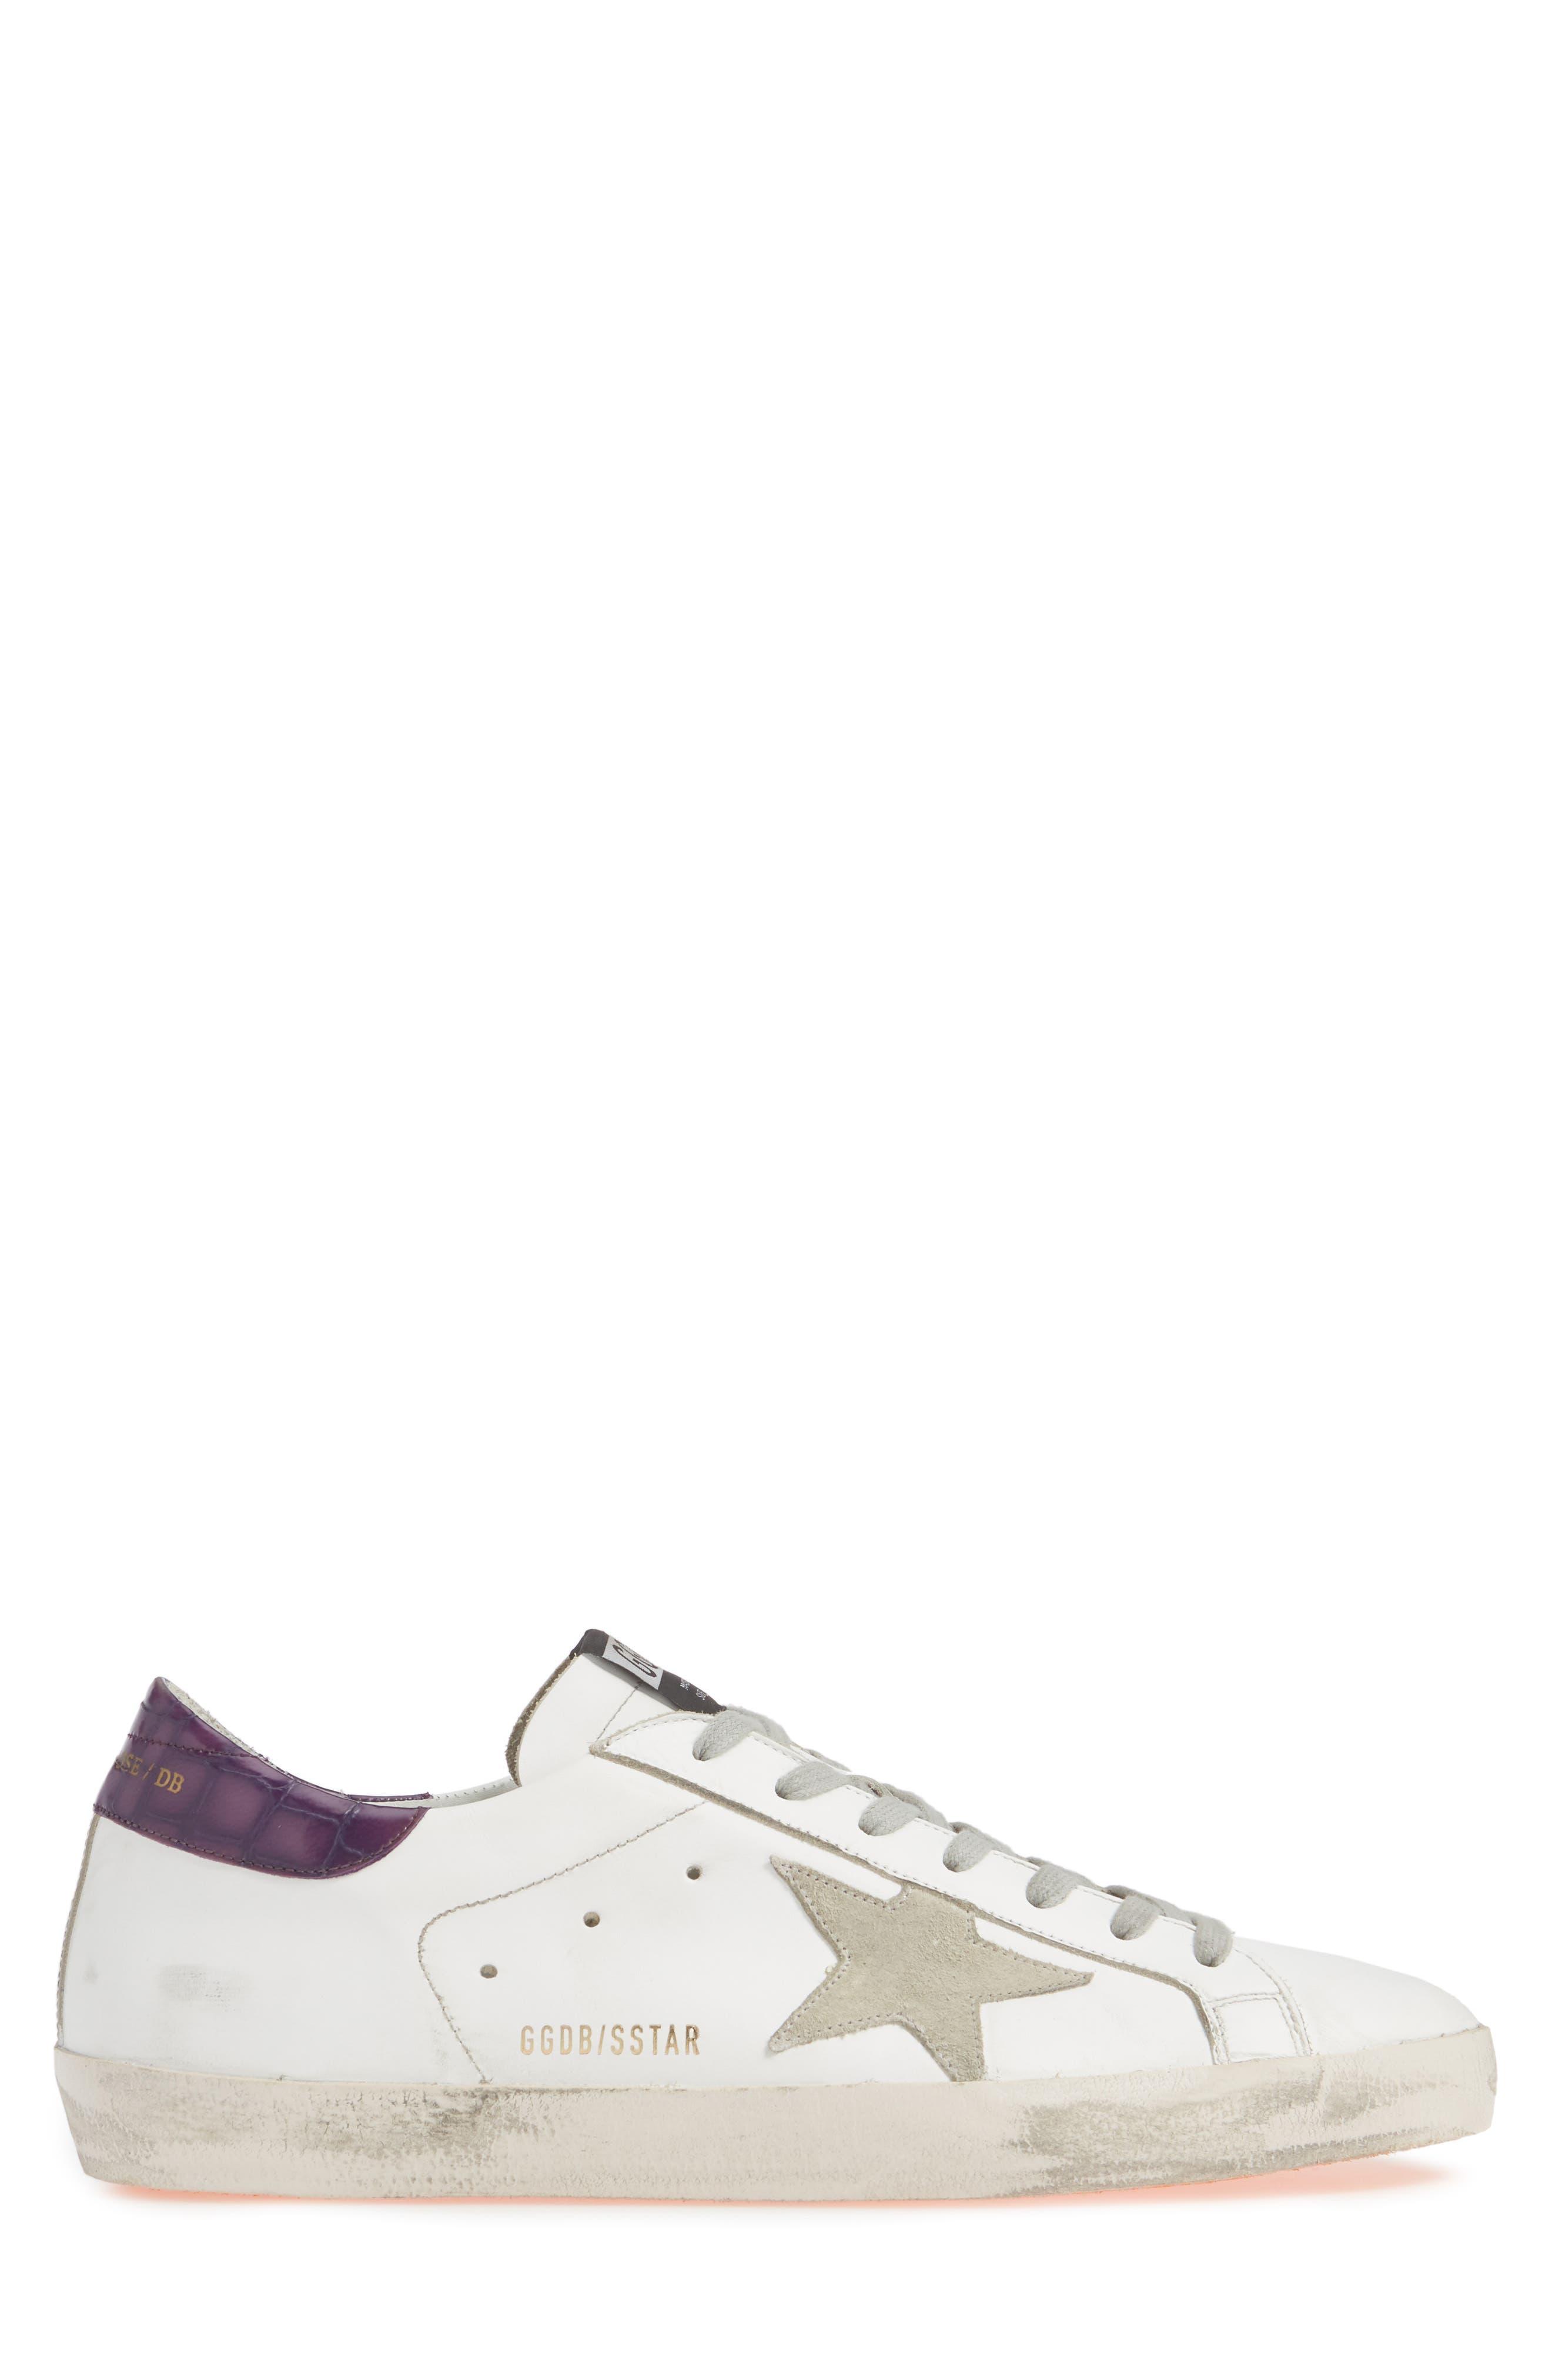 GOLDEN GOOSE,                             'Superstar' Sneaker,                             Alternate thumbnail 3, color,                             WHITE/ VIOLET